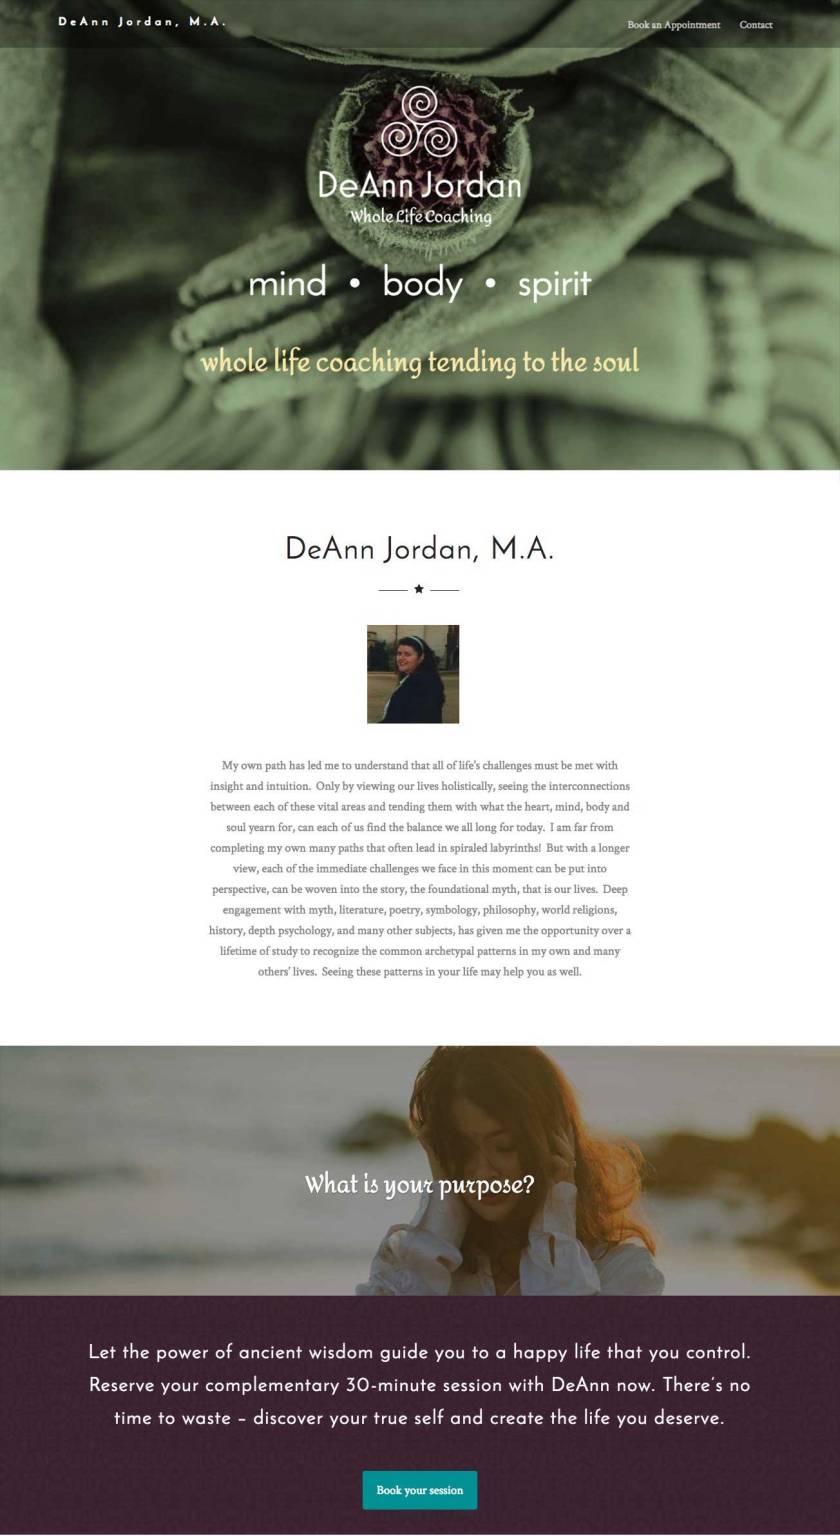 Website design for deannjordan.com